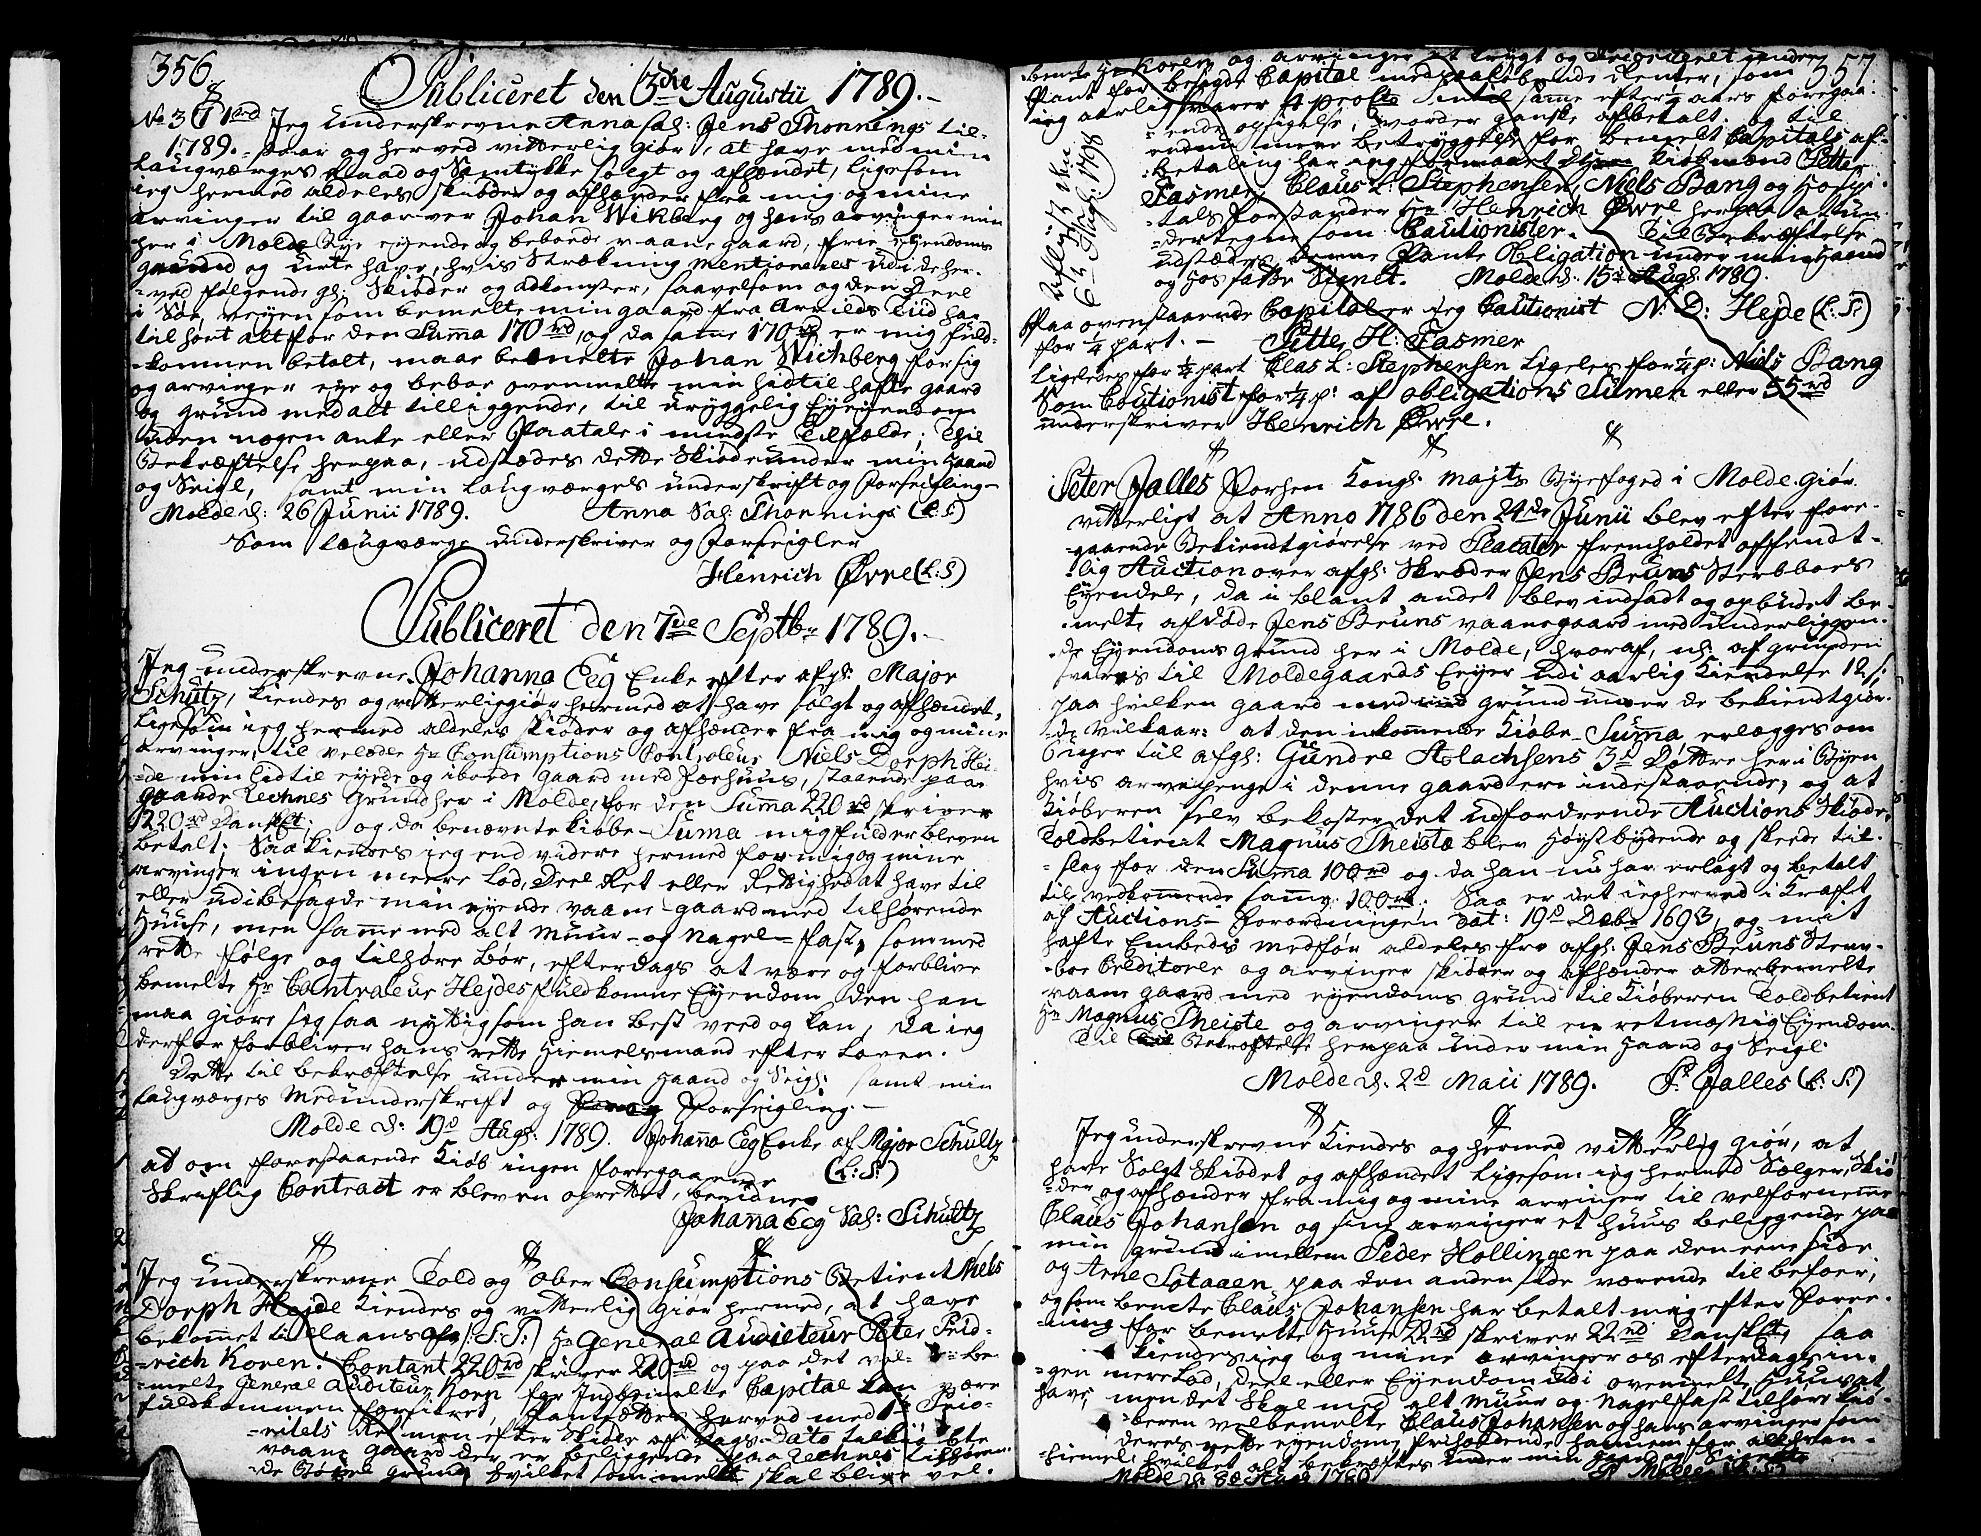 SAT, Molde byfogd, 2/2C/L0001: Pantebok nr. 1, 1748-1823, s. 356-357